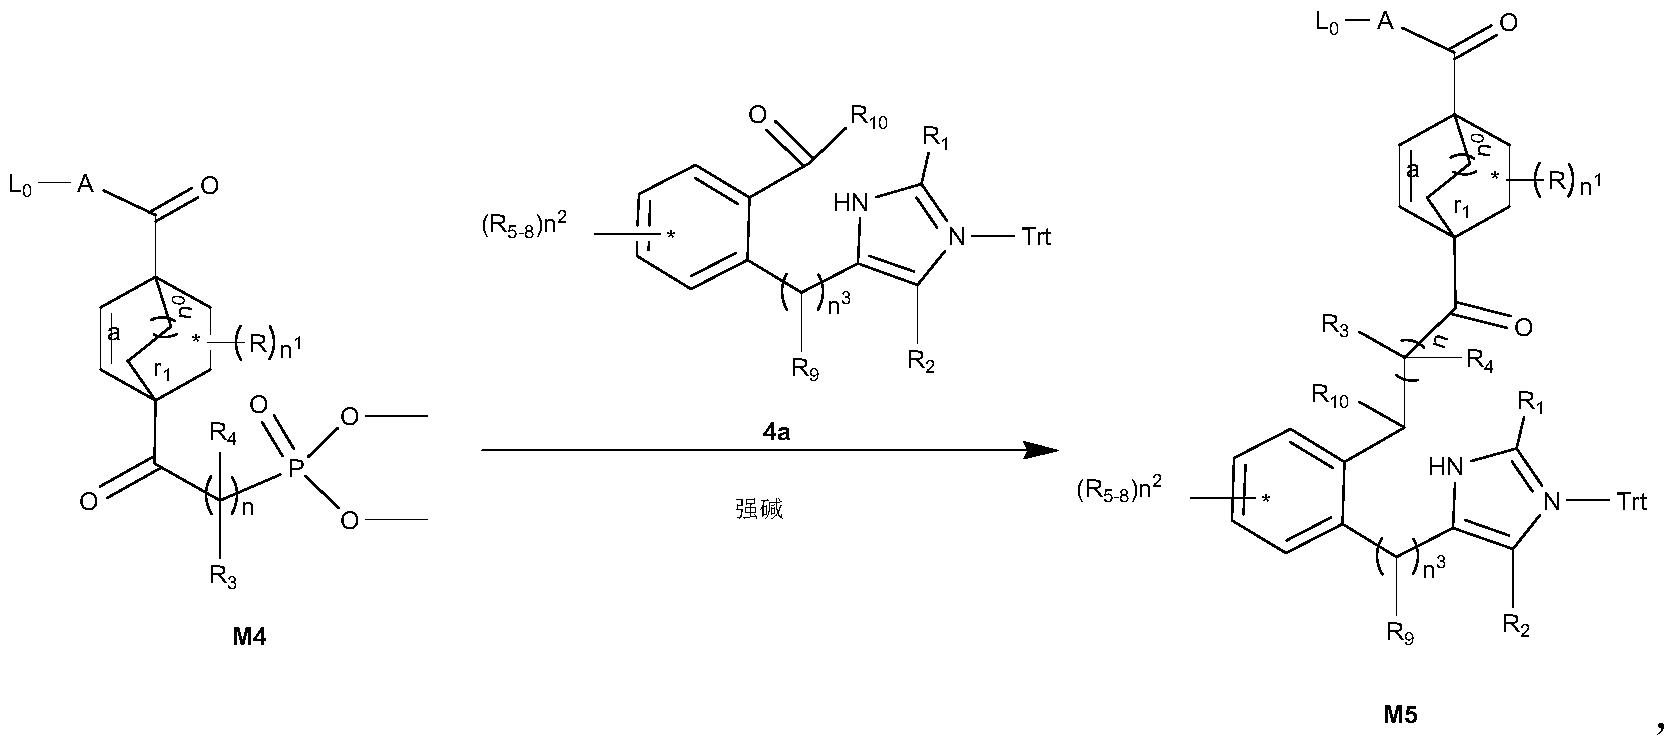 Figure PCTCN2017084604-appb-100024